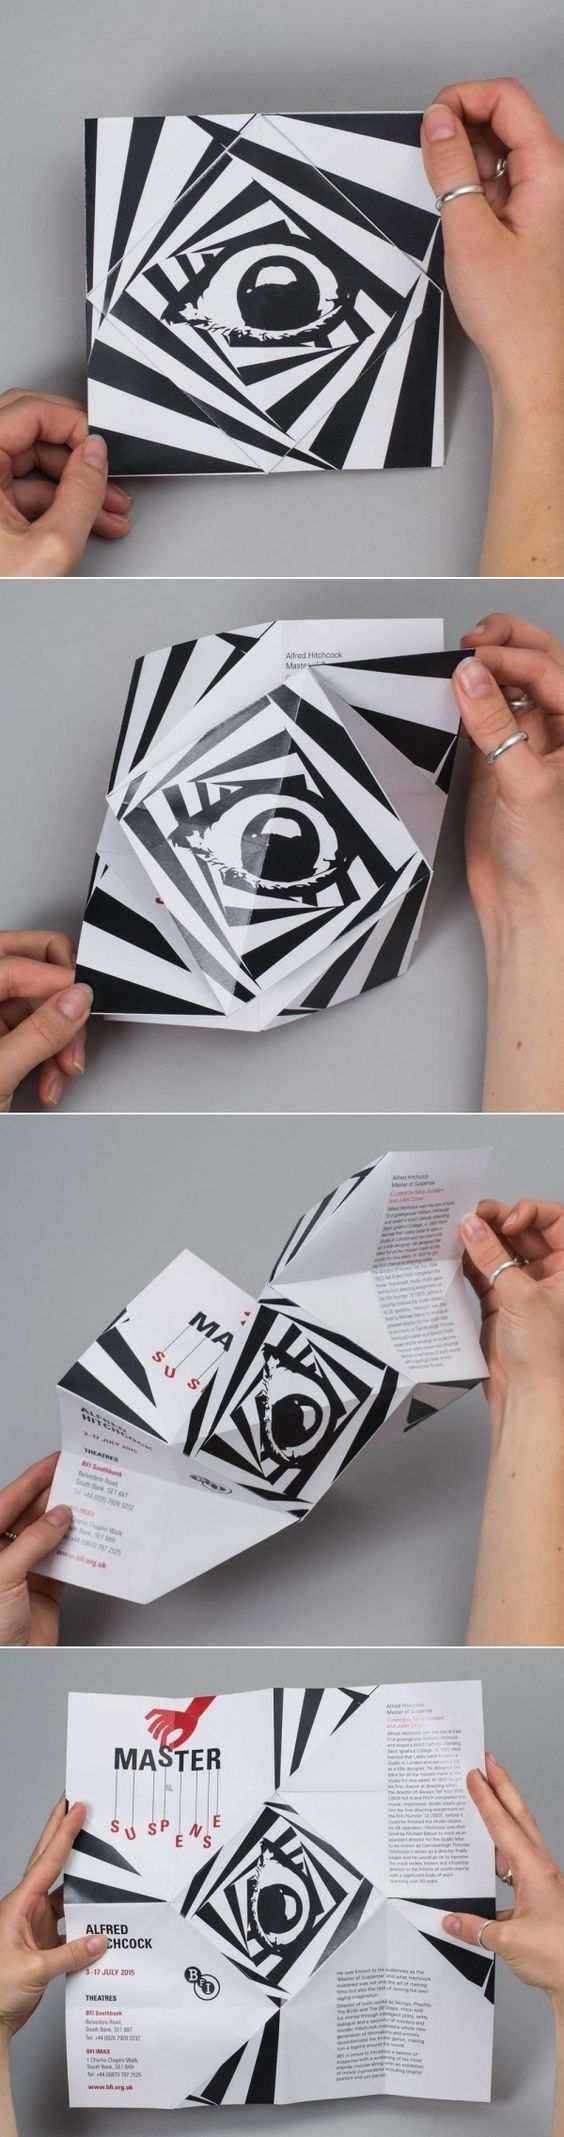 Ritmo Simbolismo Iconico Broschure Typografie Design Grafik Design